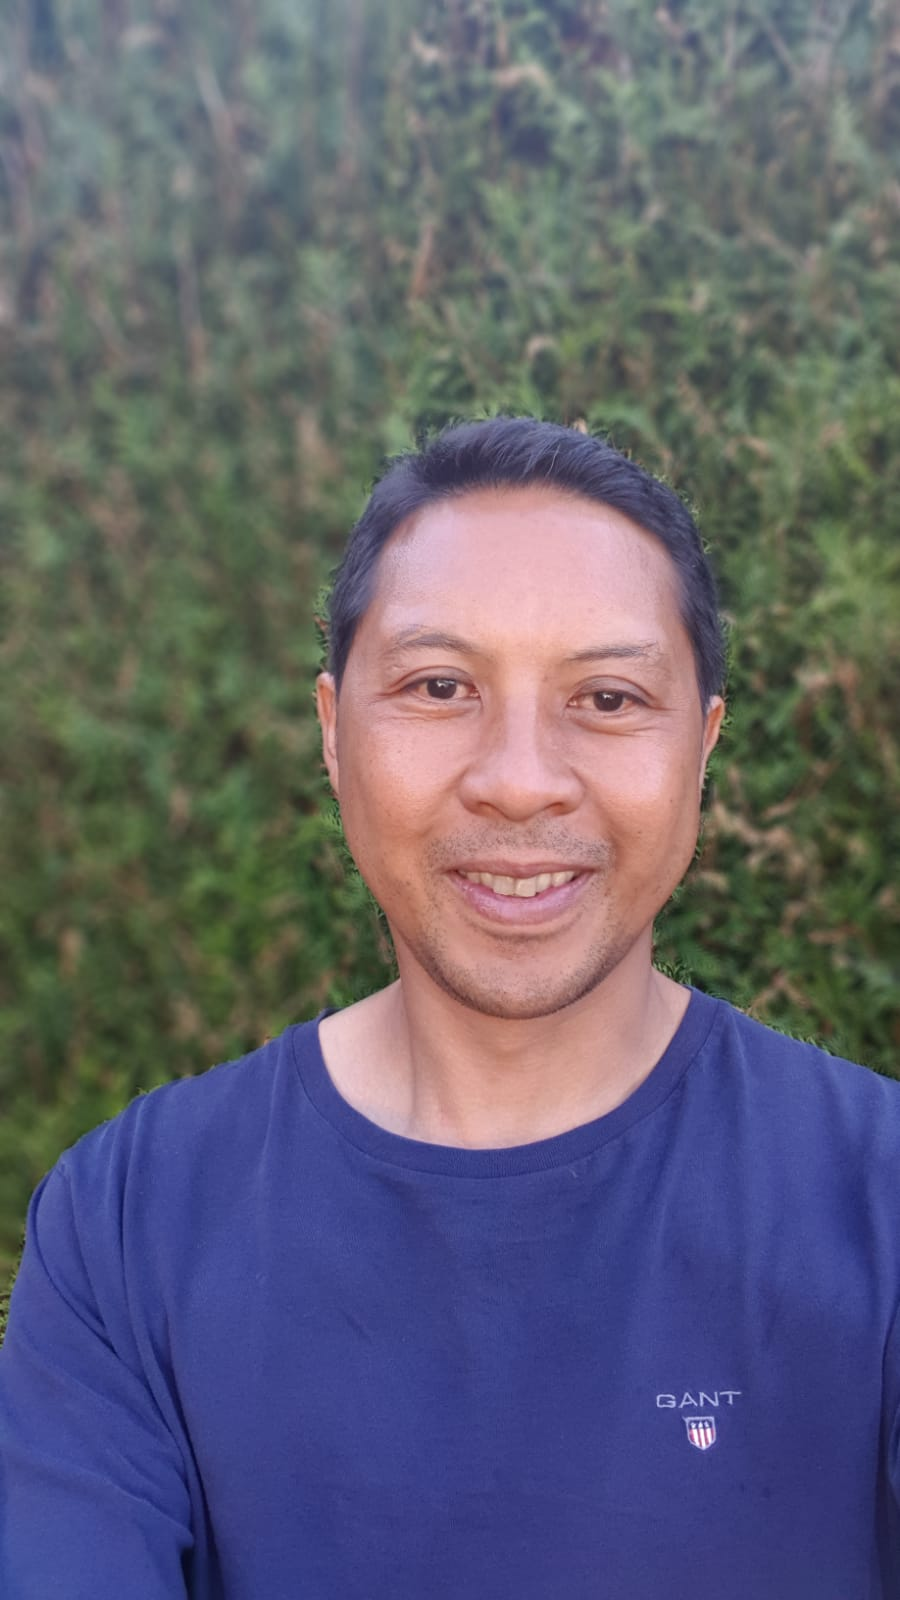 Christian Ranaivo